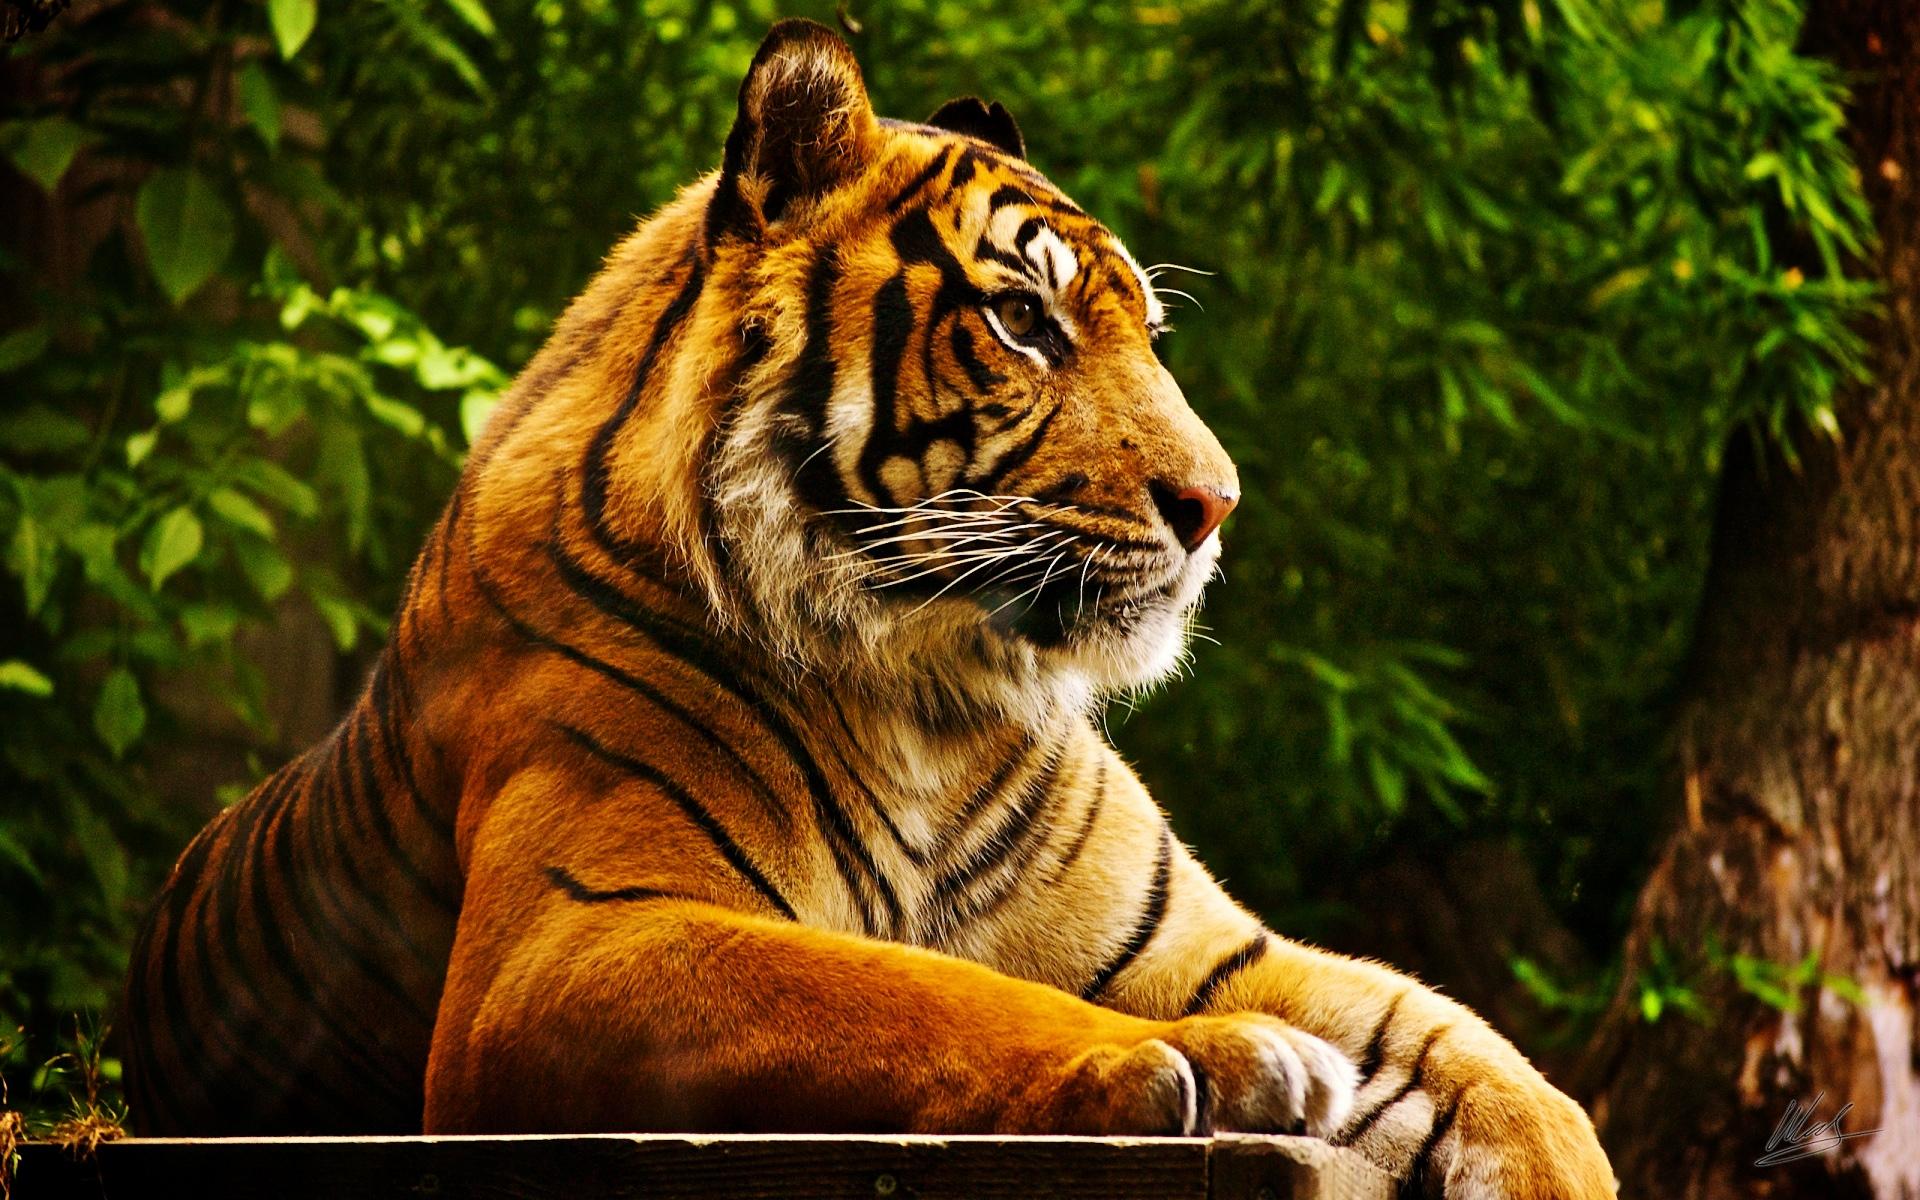 тигр лежит, фото красивое, скачать обои для рабочего стола